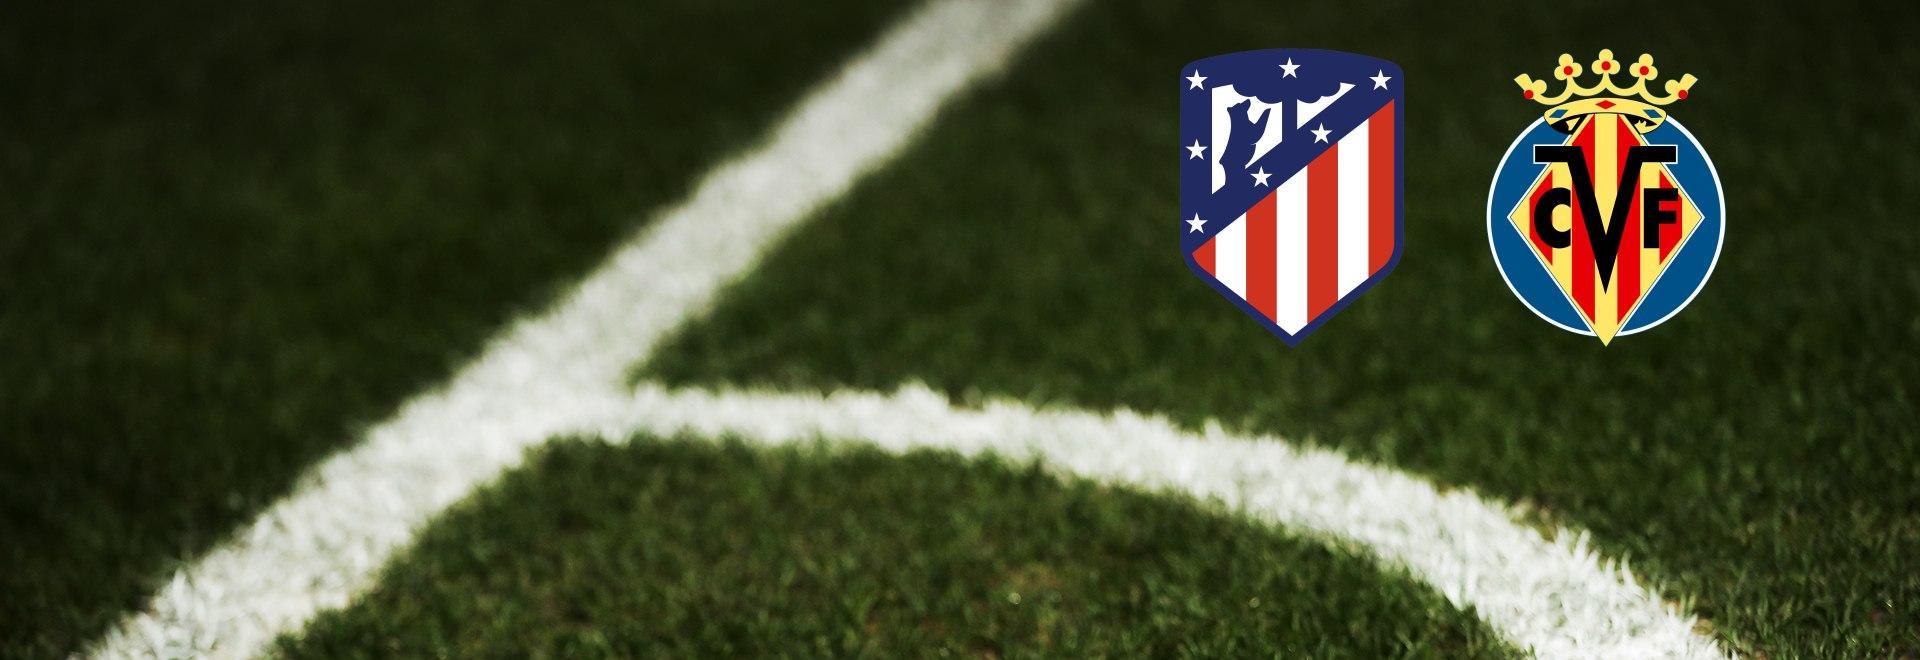 Atlético Madrid - Villarreal. 5a g.